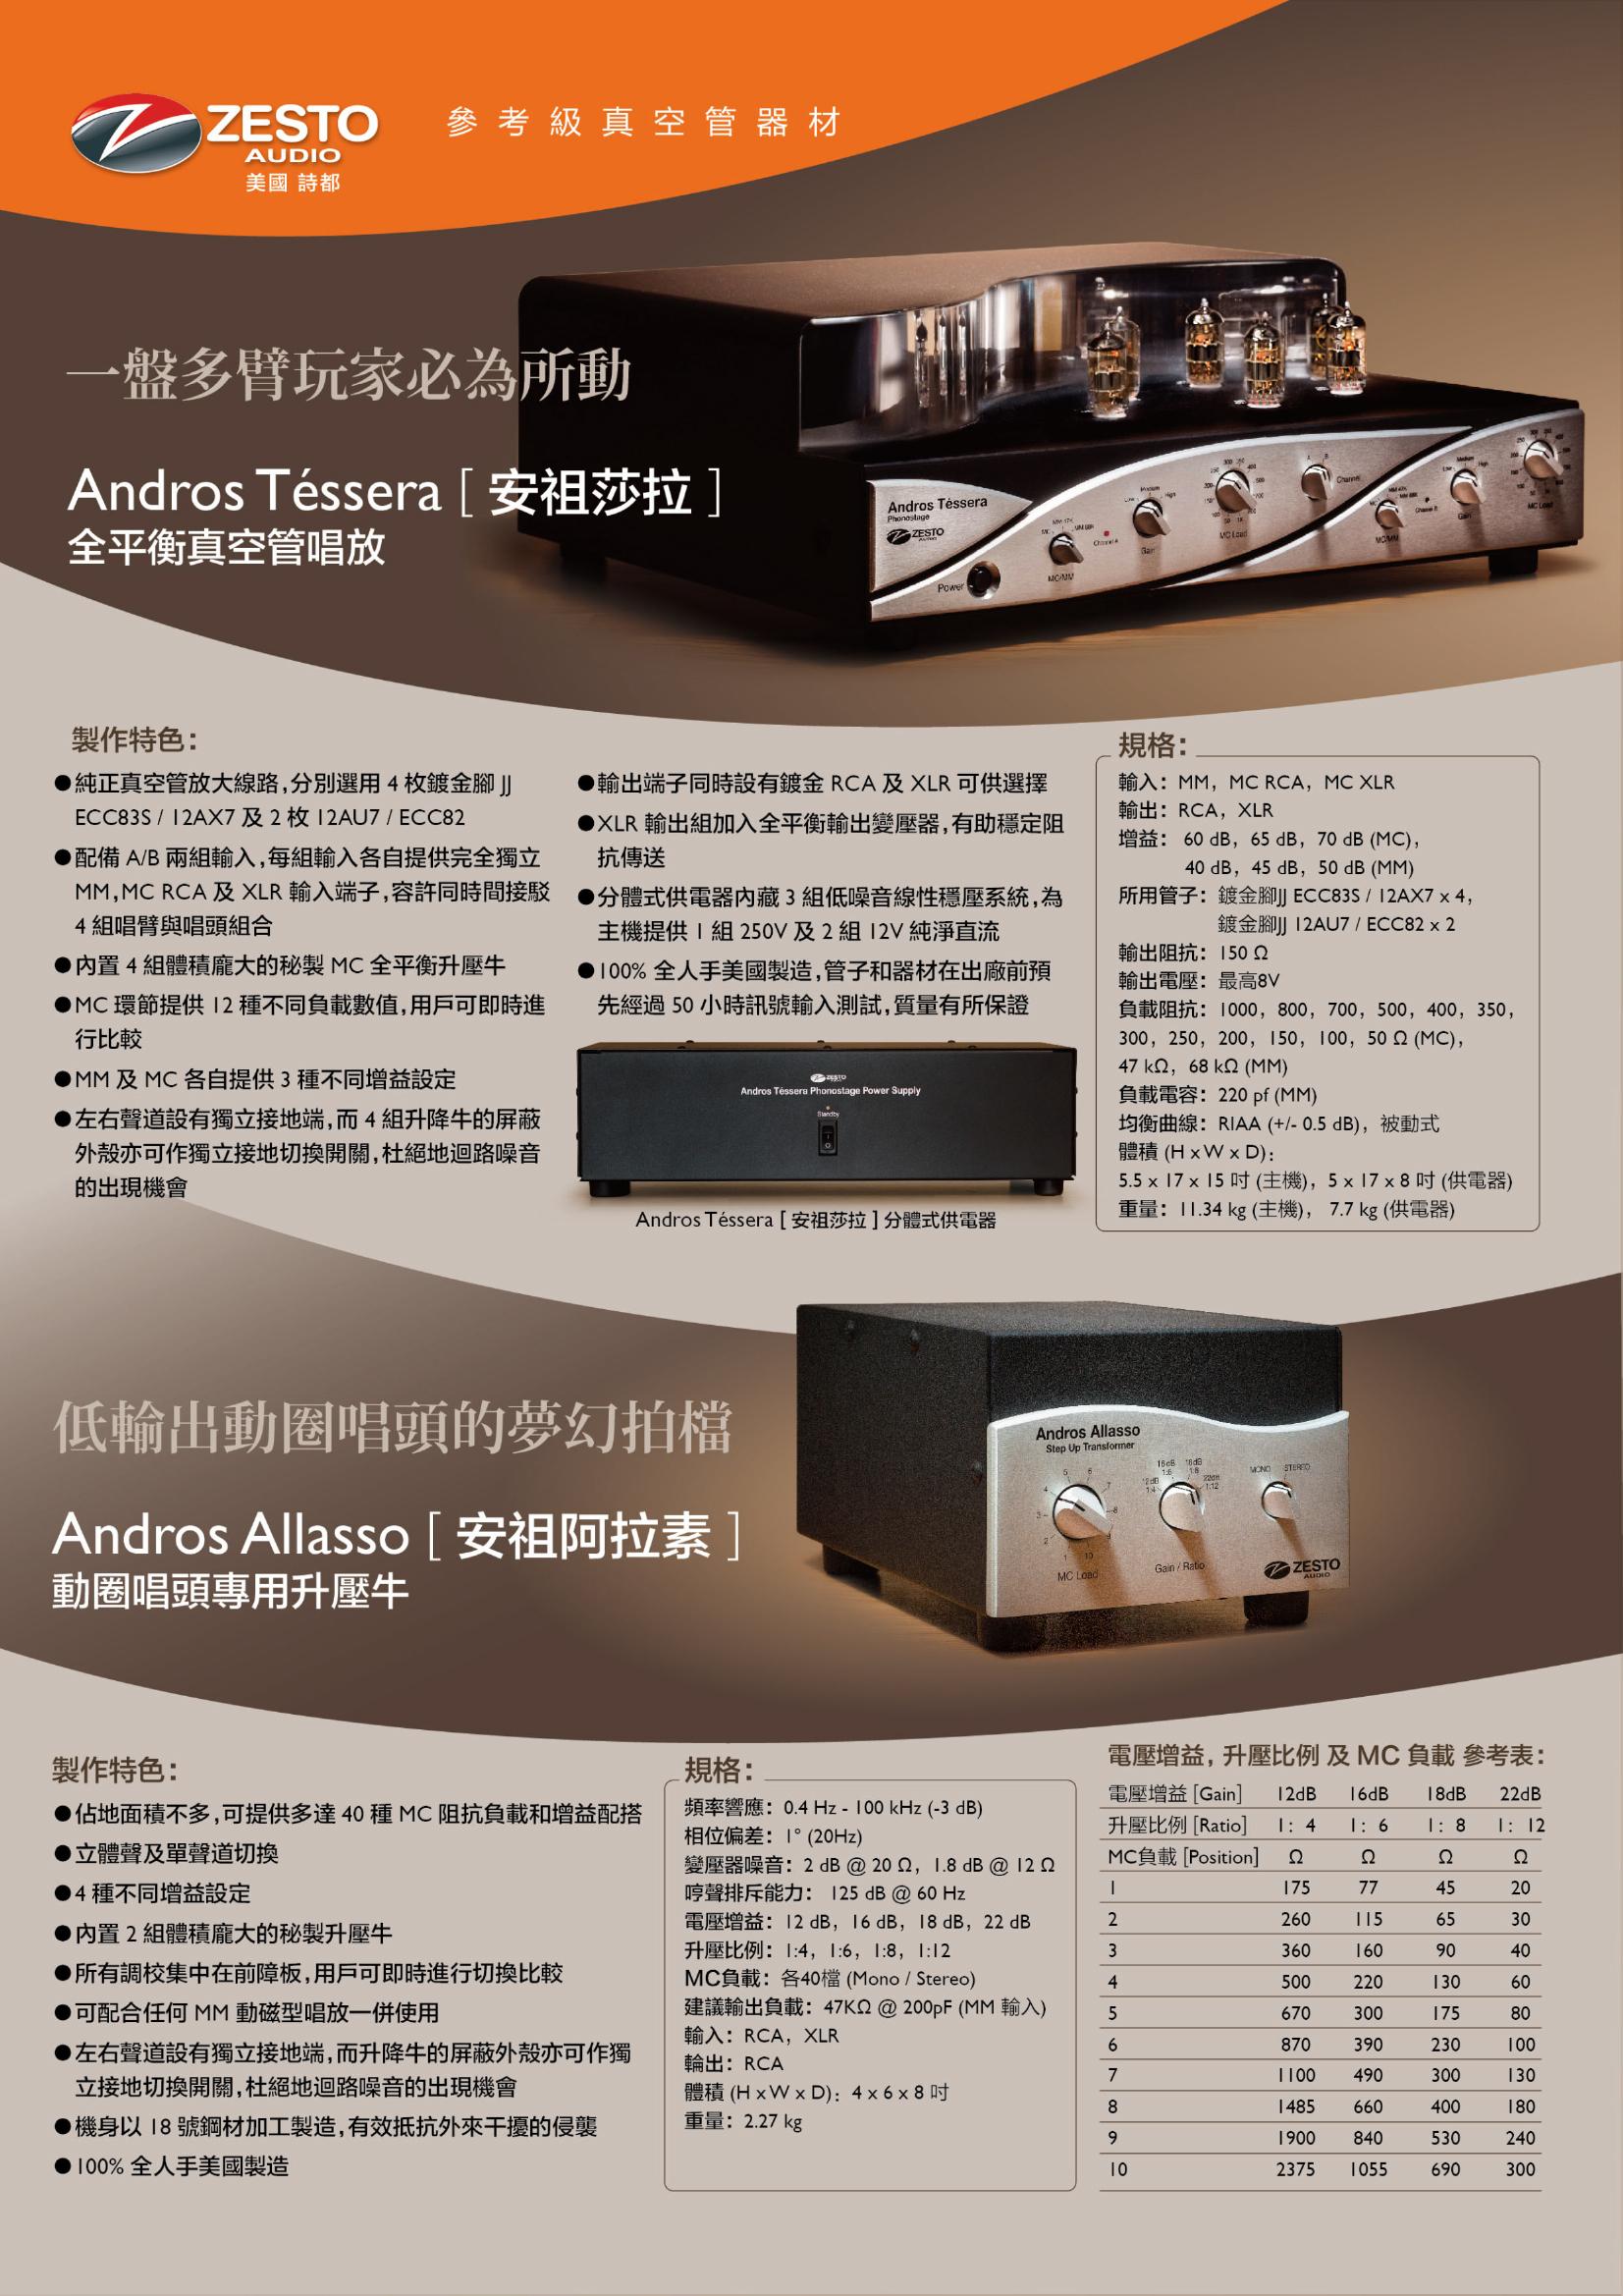 zesto audio 2017_11a-2 copy